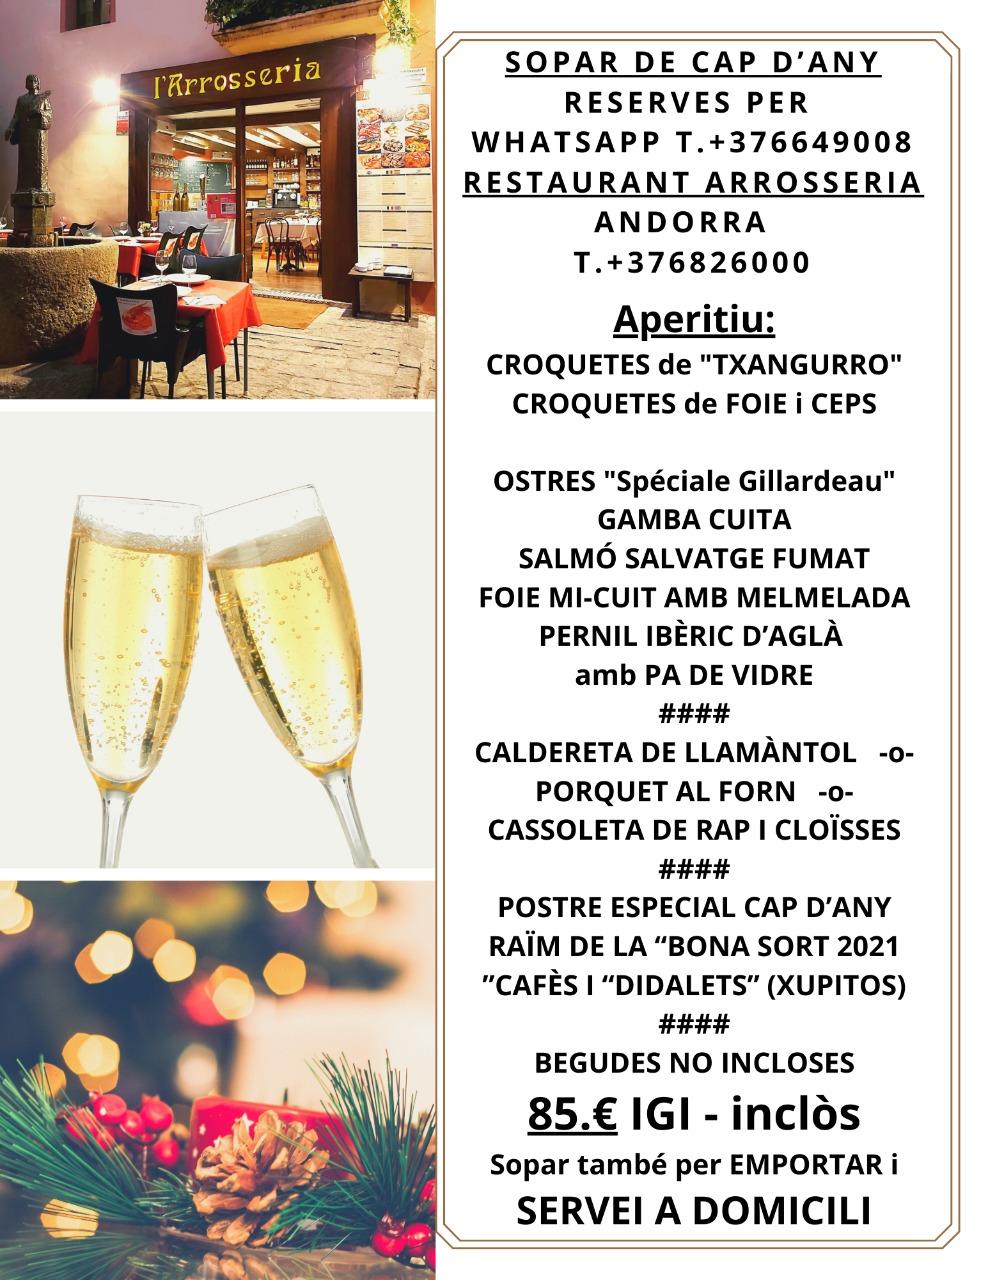 Restaurant L'Arrosseria Andorra la Vella ( Andorra la Vella ) C/ de la Vall 1 (+376) 826 000 arrosseria@hotmail.com El restaurant L'Arrosseria está en el centro de Andorra la Vella, en medio del centro histórico de la capital, y tiene capacidad para 30 personas. Se especializa en platos de cocina casera. RESTAURANT ARROSSERIA ANDORRA Al costat del Comù d'Andorra la Vella Tel. +376.826.000 – Al Carrer de la Vall, 1 – Andorra la Vella – RESTAURANT ARROSSERIA ANDORRA MARISCADAS, ARRÒS CALDÓS, PAELLA ESCOPINYES, PAELLA DE GALERES, PAELLA DE LLAMÀNTOL, ESPECIALISTES EN ARROSSOS CALDOSOS i PAELLES ESCOPINYES. Telf. RESERVES: T.+376.826.000. arrosseria@hotmail.com Arròs de Marisc, Arròs Mixte, Paella Mixta, Paella de Mariscos, Rossejat, peuada, paella negra, paella de rata, paella de pollastre i marisc, paella d'hivern, paella d'ànec, paella amb tarongetes, paella amb pilotes, paella amb anguiles , paella, greixera d'arròs de la terra, cazuela de arroz, cassoleta, cassola de tanda, cassola de quaresma, cassola de dejuni, caldero de arroz, caldero d'arròs, arroz roseado, arroz de olla, arroz de bledes, arroz de berzas, arroz de huevo, arroz al horno de huevo, arroz de costra, arroz al horno de boniato, arroz al horno de bacalao, arroz al horno, arròs rossejat, arròs rossejat, arròs passejat, arròs junt, arròs engravat, arròs empedrat, arròs dels miquelets, arròs de pedrapiquer, arròs de moro, arròs de terra al forn, arròs de la terra, arròs de dejuni, arros de carnestoltes, arròs de caldera, arròs de tanda, arròs de gegants i nans, arròs amb fesols i naps, arròs de crosta, d'arròs de cresp, arròs de ciurons, arròs de cigrons, arròs amb carabassa, arròs amb bledes, arròs amb banderetes, arròs amb banderes, arròs al forn amb tonyina, arròs al forn amb peix, arròs al forn amb bacallà, arròs al forn amb anguiles, arròs al forn amb ànec, arròs a banda..